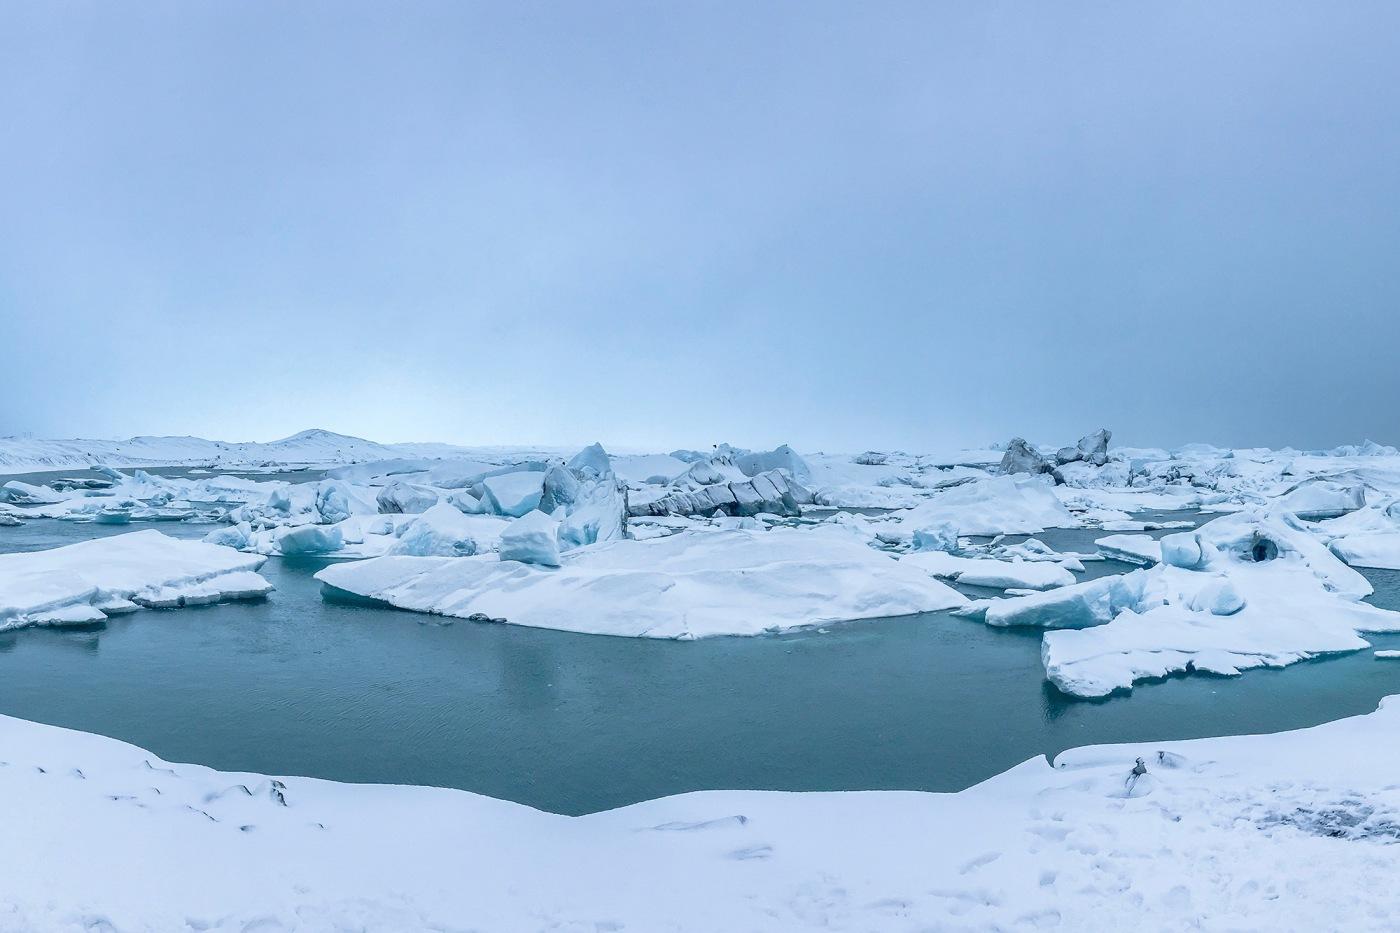 Arctic, Polar, and Tundra Habitat and animals